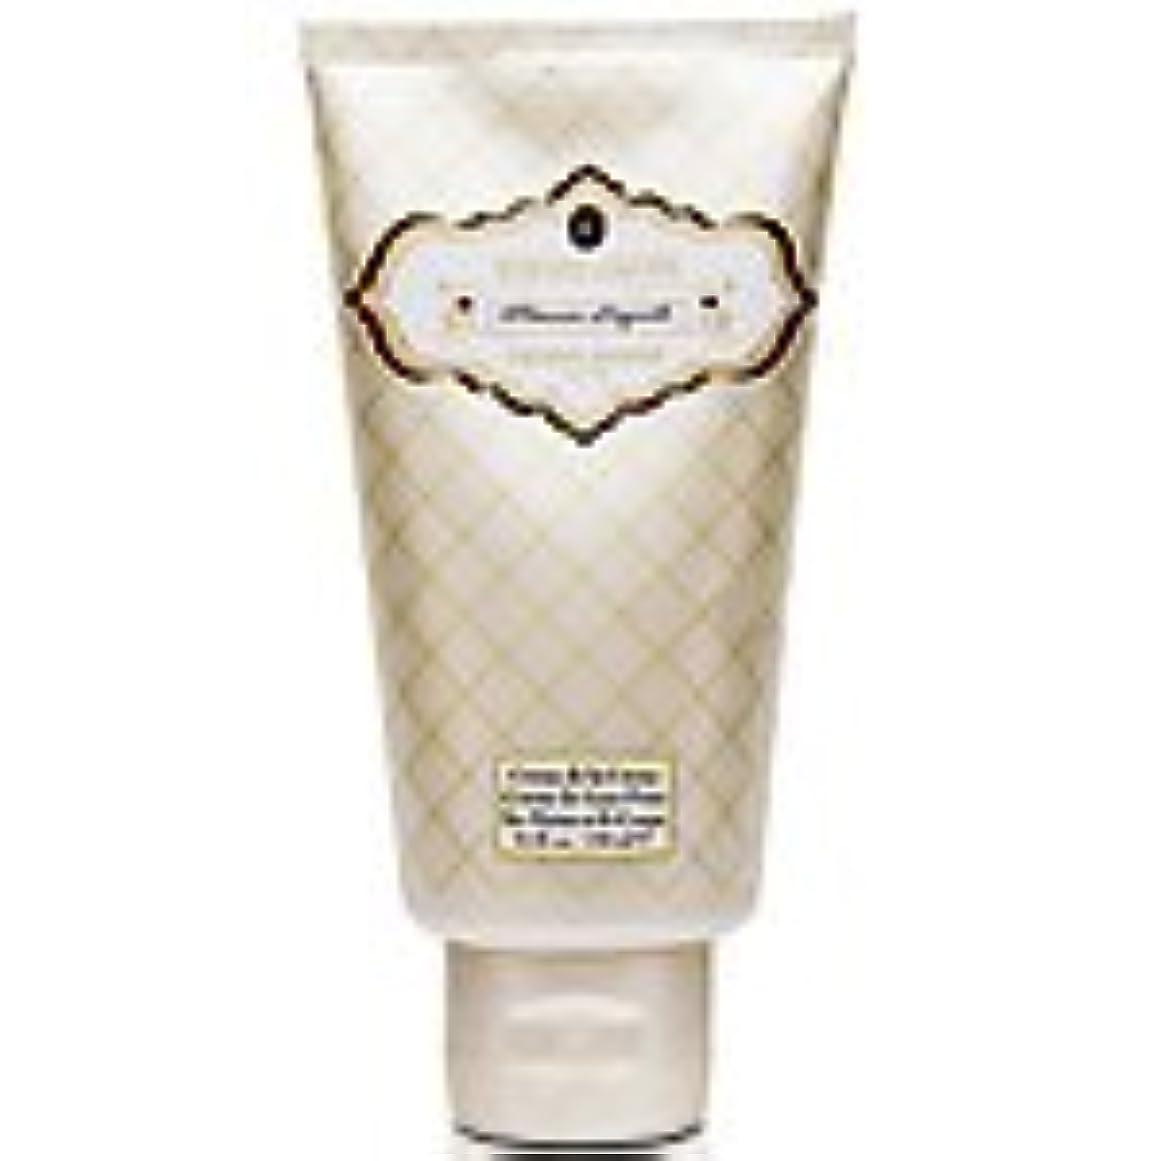 三演劇デマンドMemoire Liquide Reserve - Fleur Liquide (メモワールリキッドリザーブ - フルーアーリキッド) 5.1 oz (153ml) Body Cream for Unisex